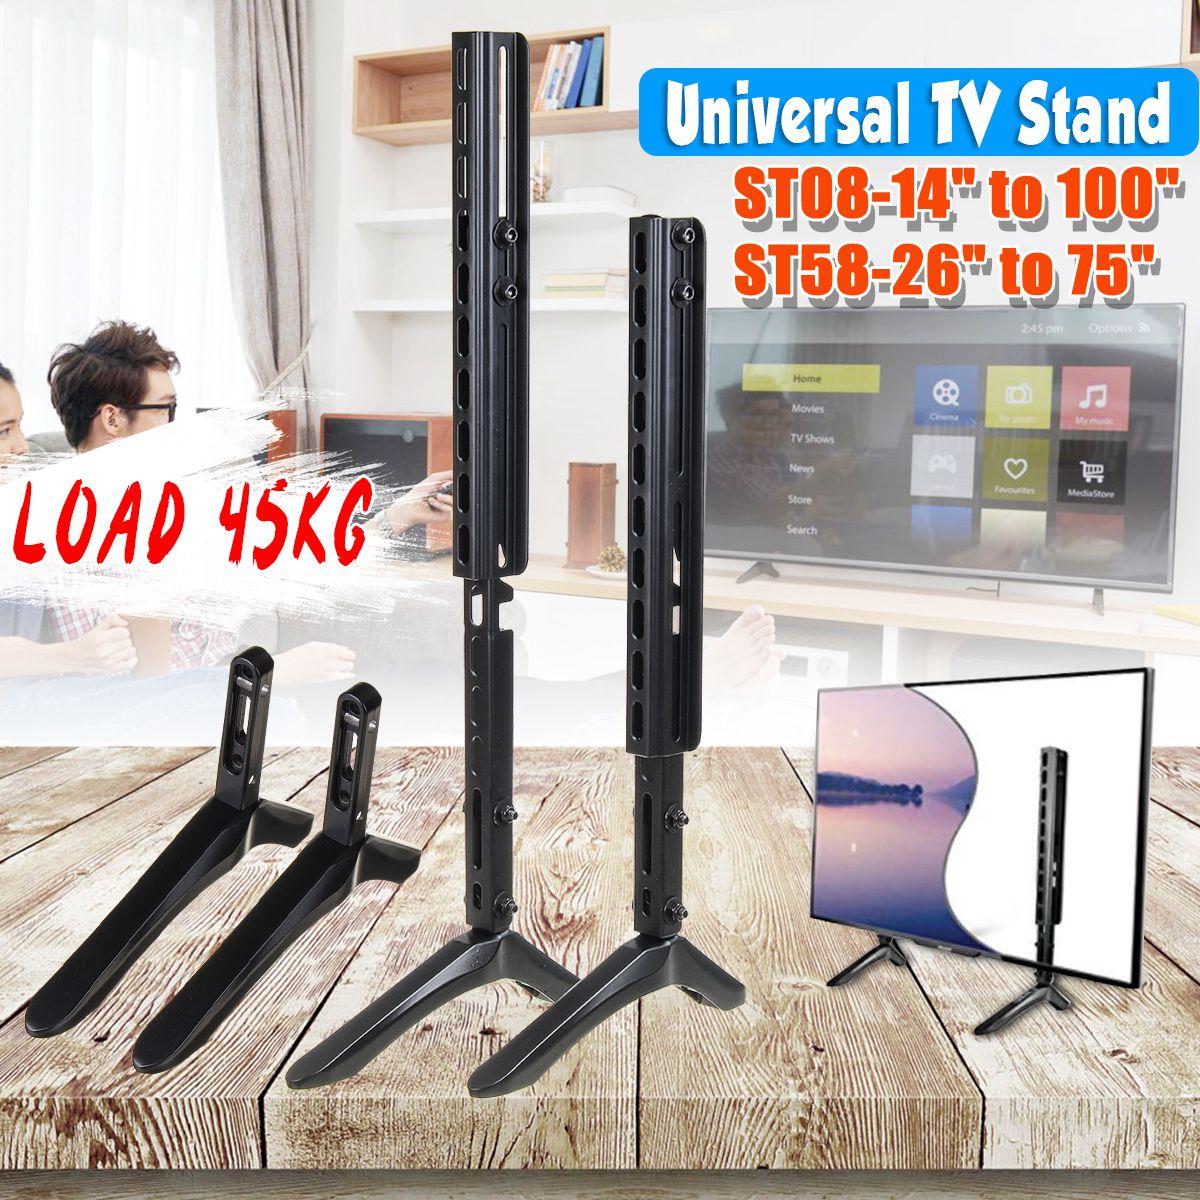 14-100 pouces universel Table TV support Base LCD écran plat Table Top piédestal montage fer installation facile charge jusqu'à 45 KG